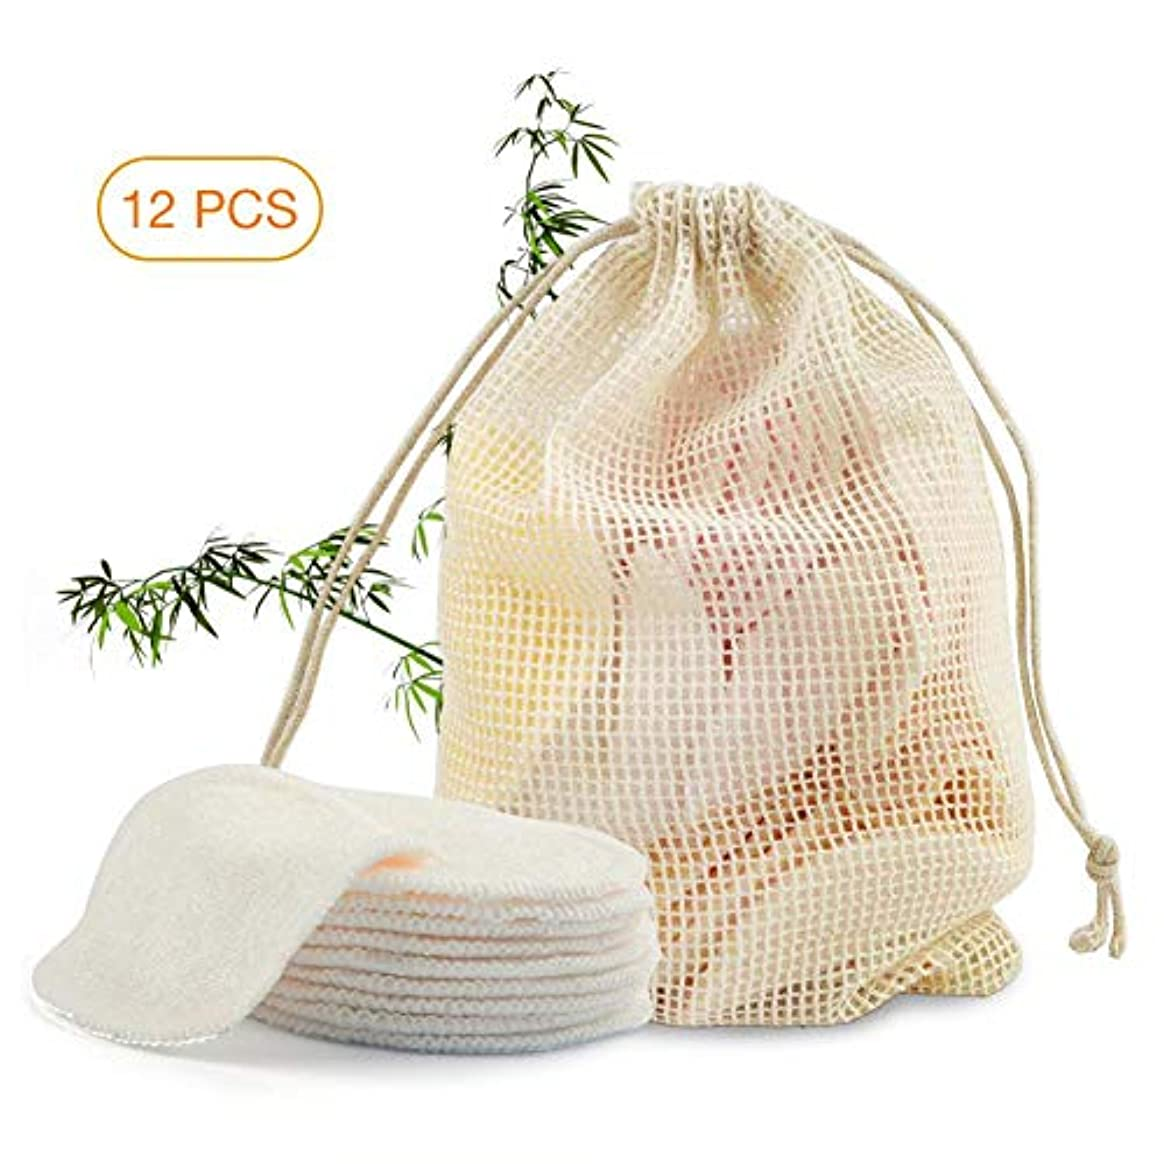 時間再集計モーテルクレンジングシート 天然繊維素材 柔らかい バッグ付き 安全 非毒性 再利用可能 交換可能 旅行用